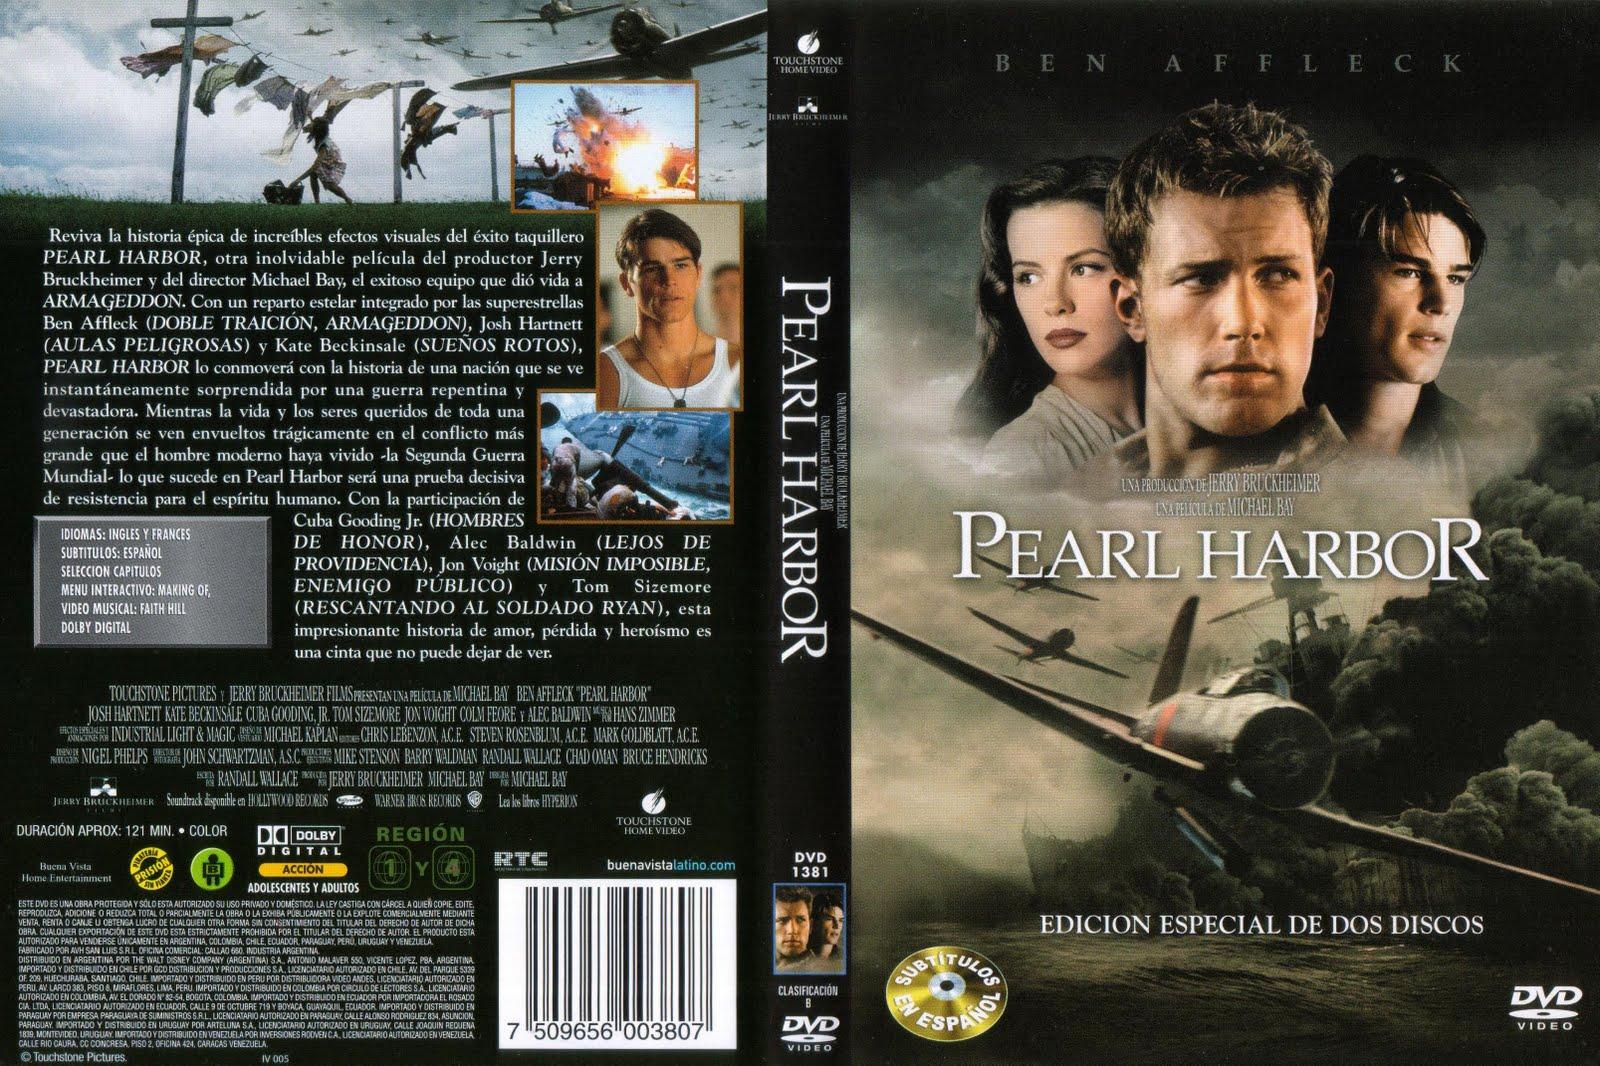 http://1.bp.blogspot.com/_FN7dlH54yBQ/TB8XPSLOKpI/AAAAAAAADMw/Ur5i19ZfMWU/s1600/Pearl+Harbor.jpg